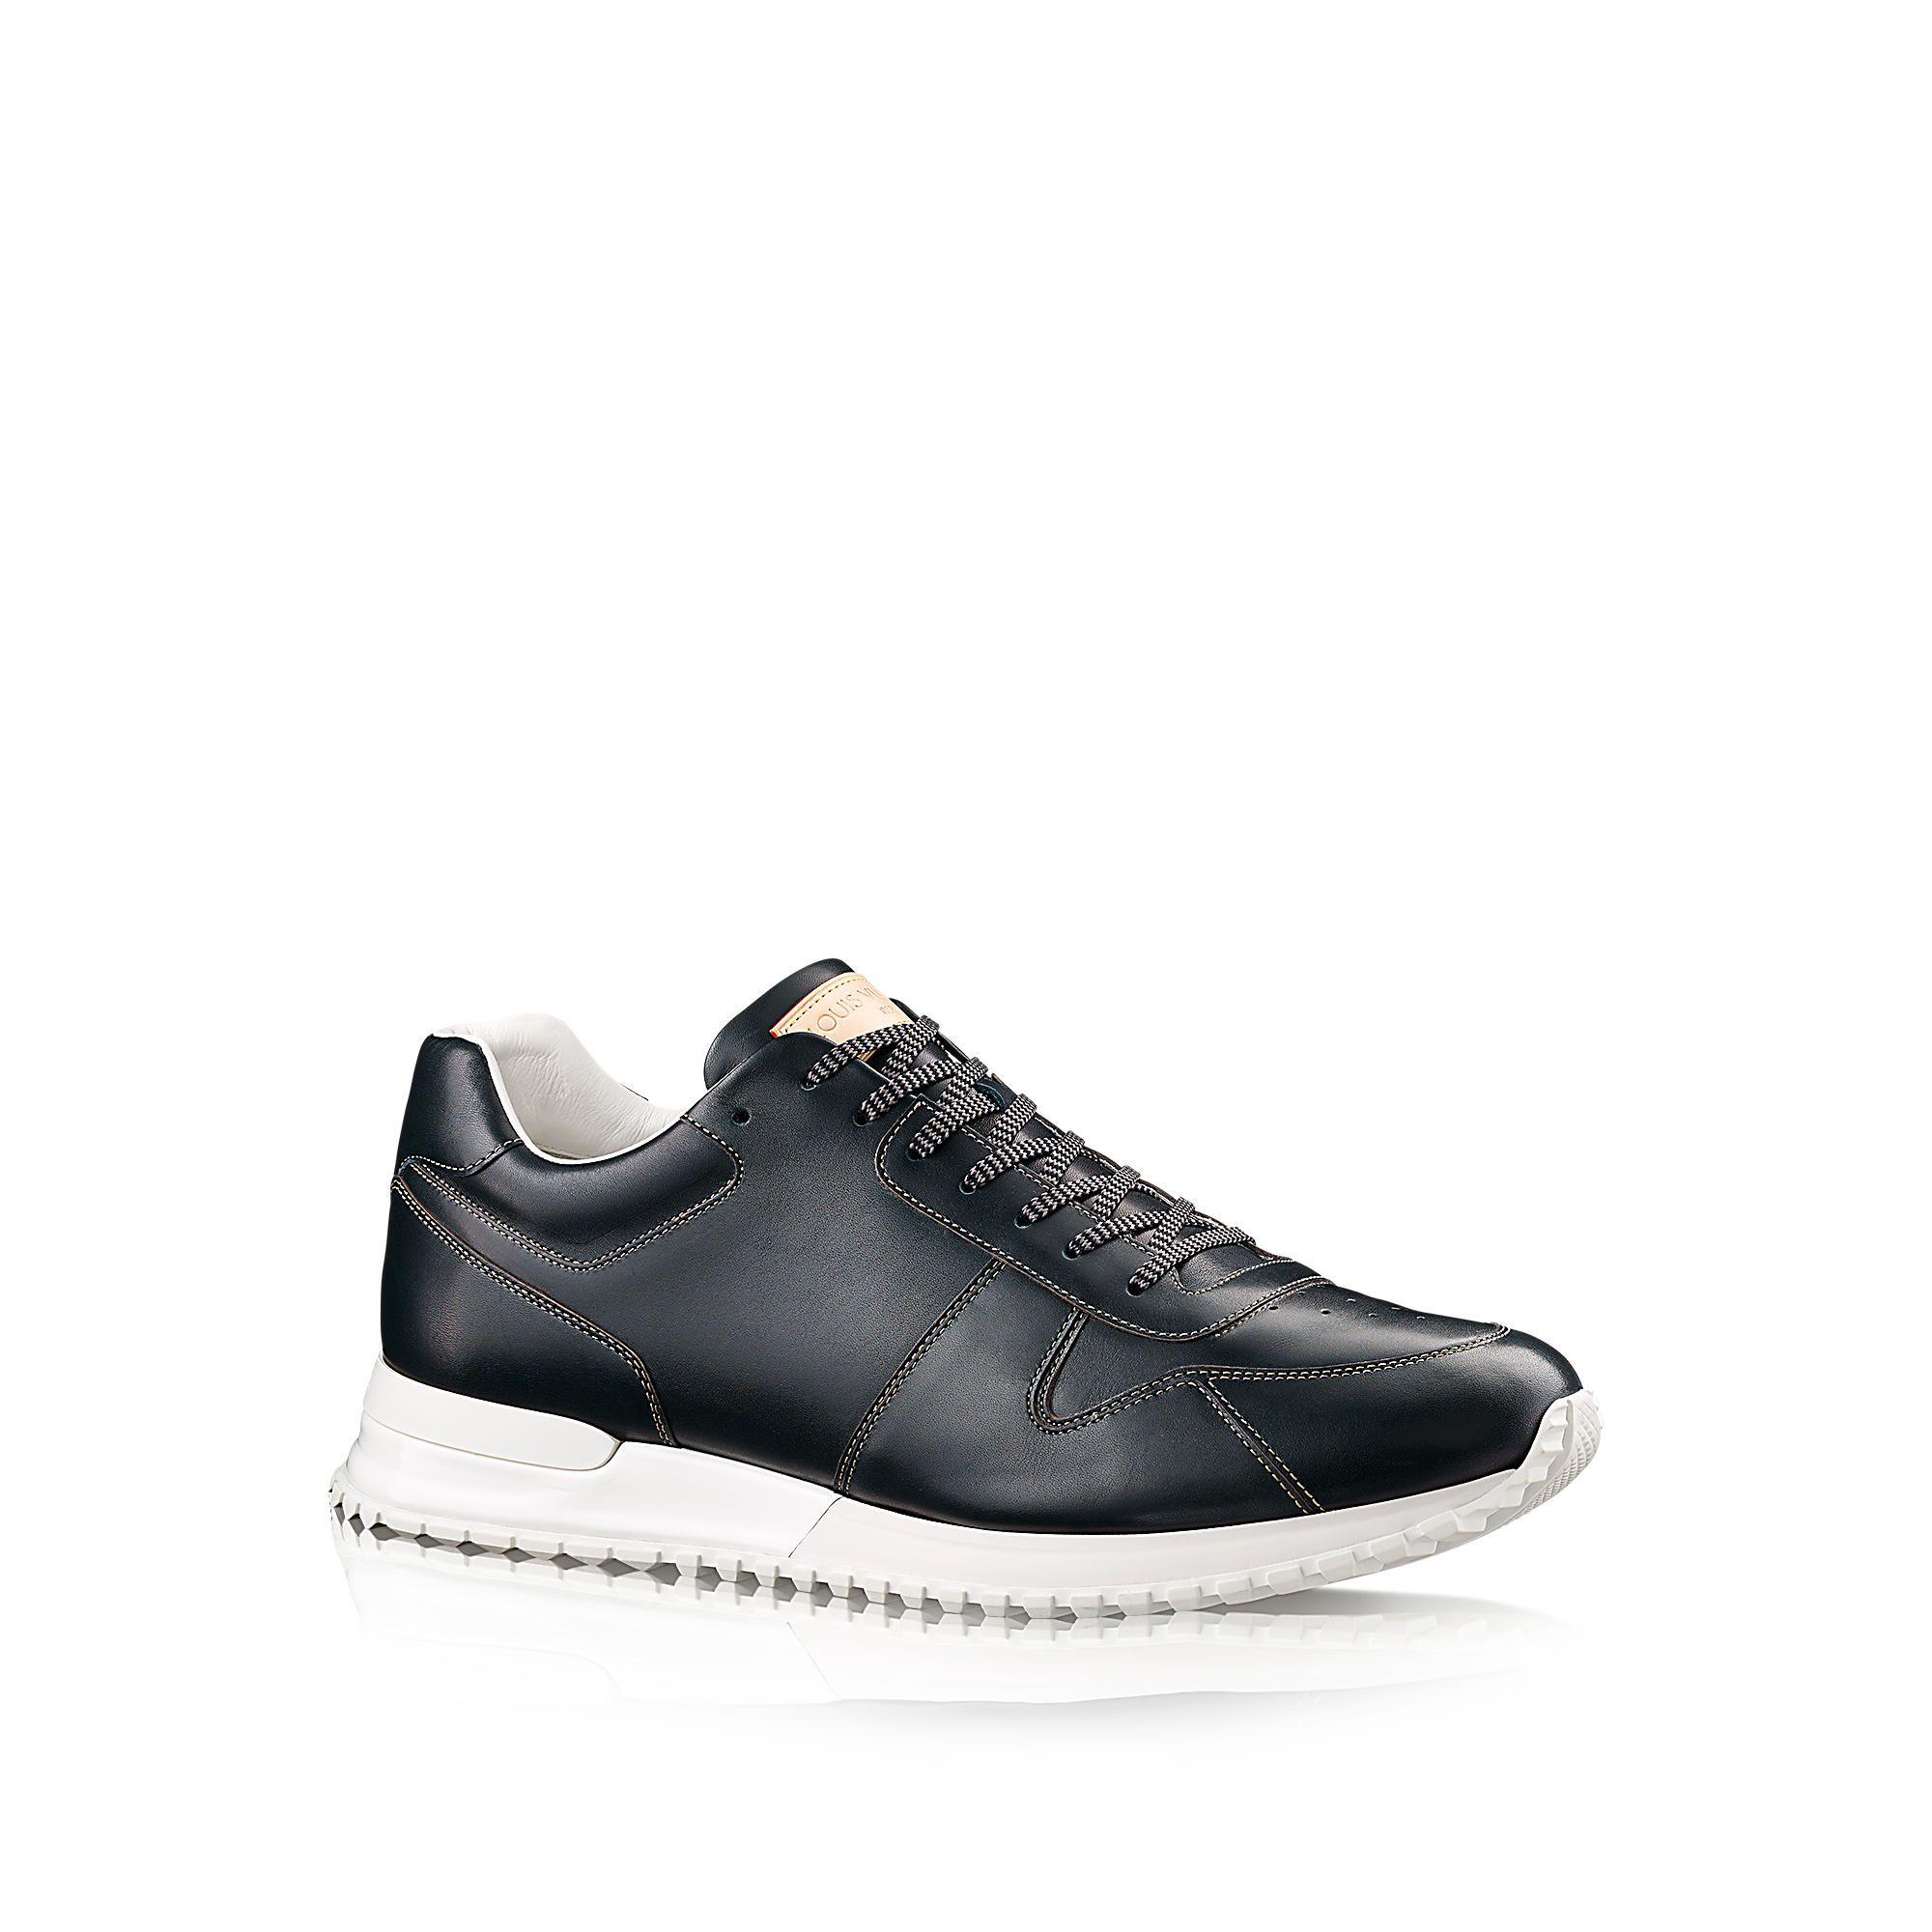 Discover Louis Vuitton Run-Away Sneaker via Louis Vuitton